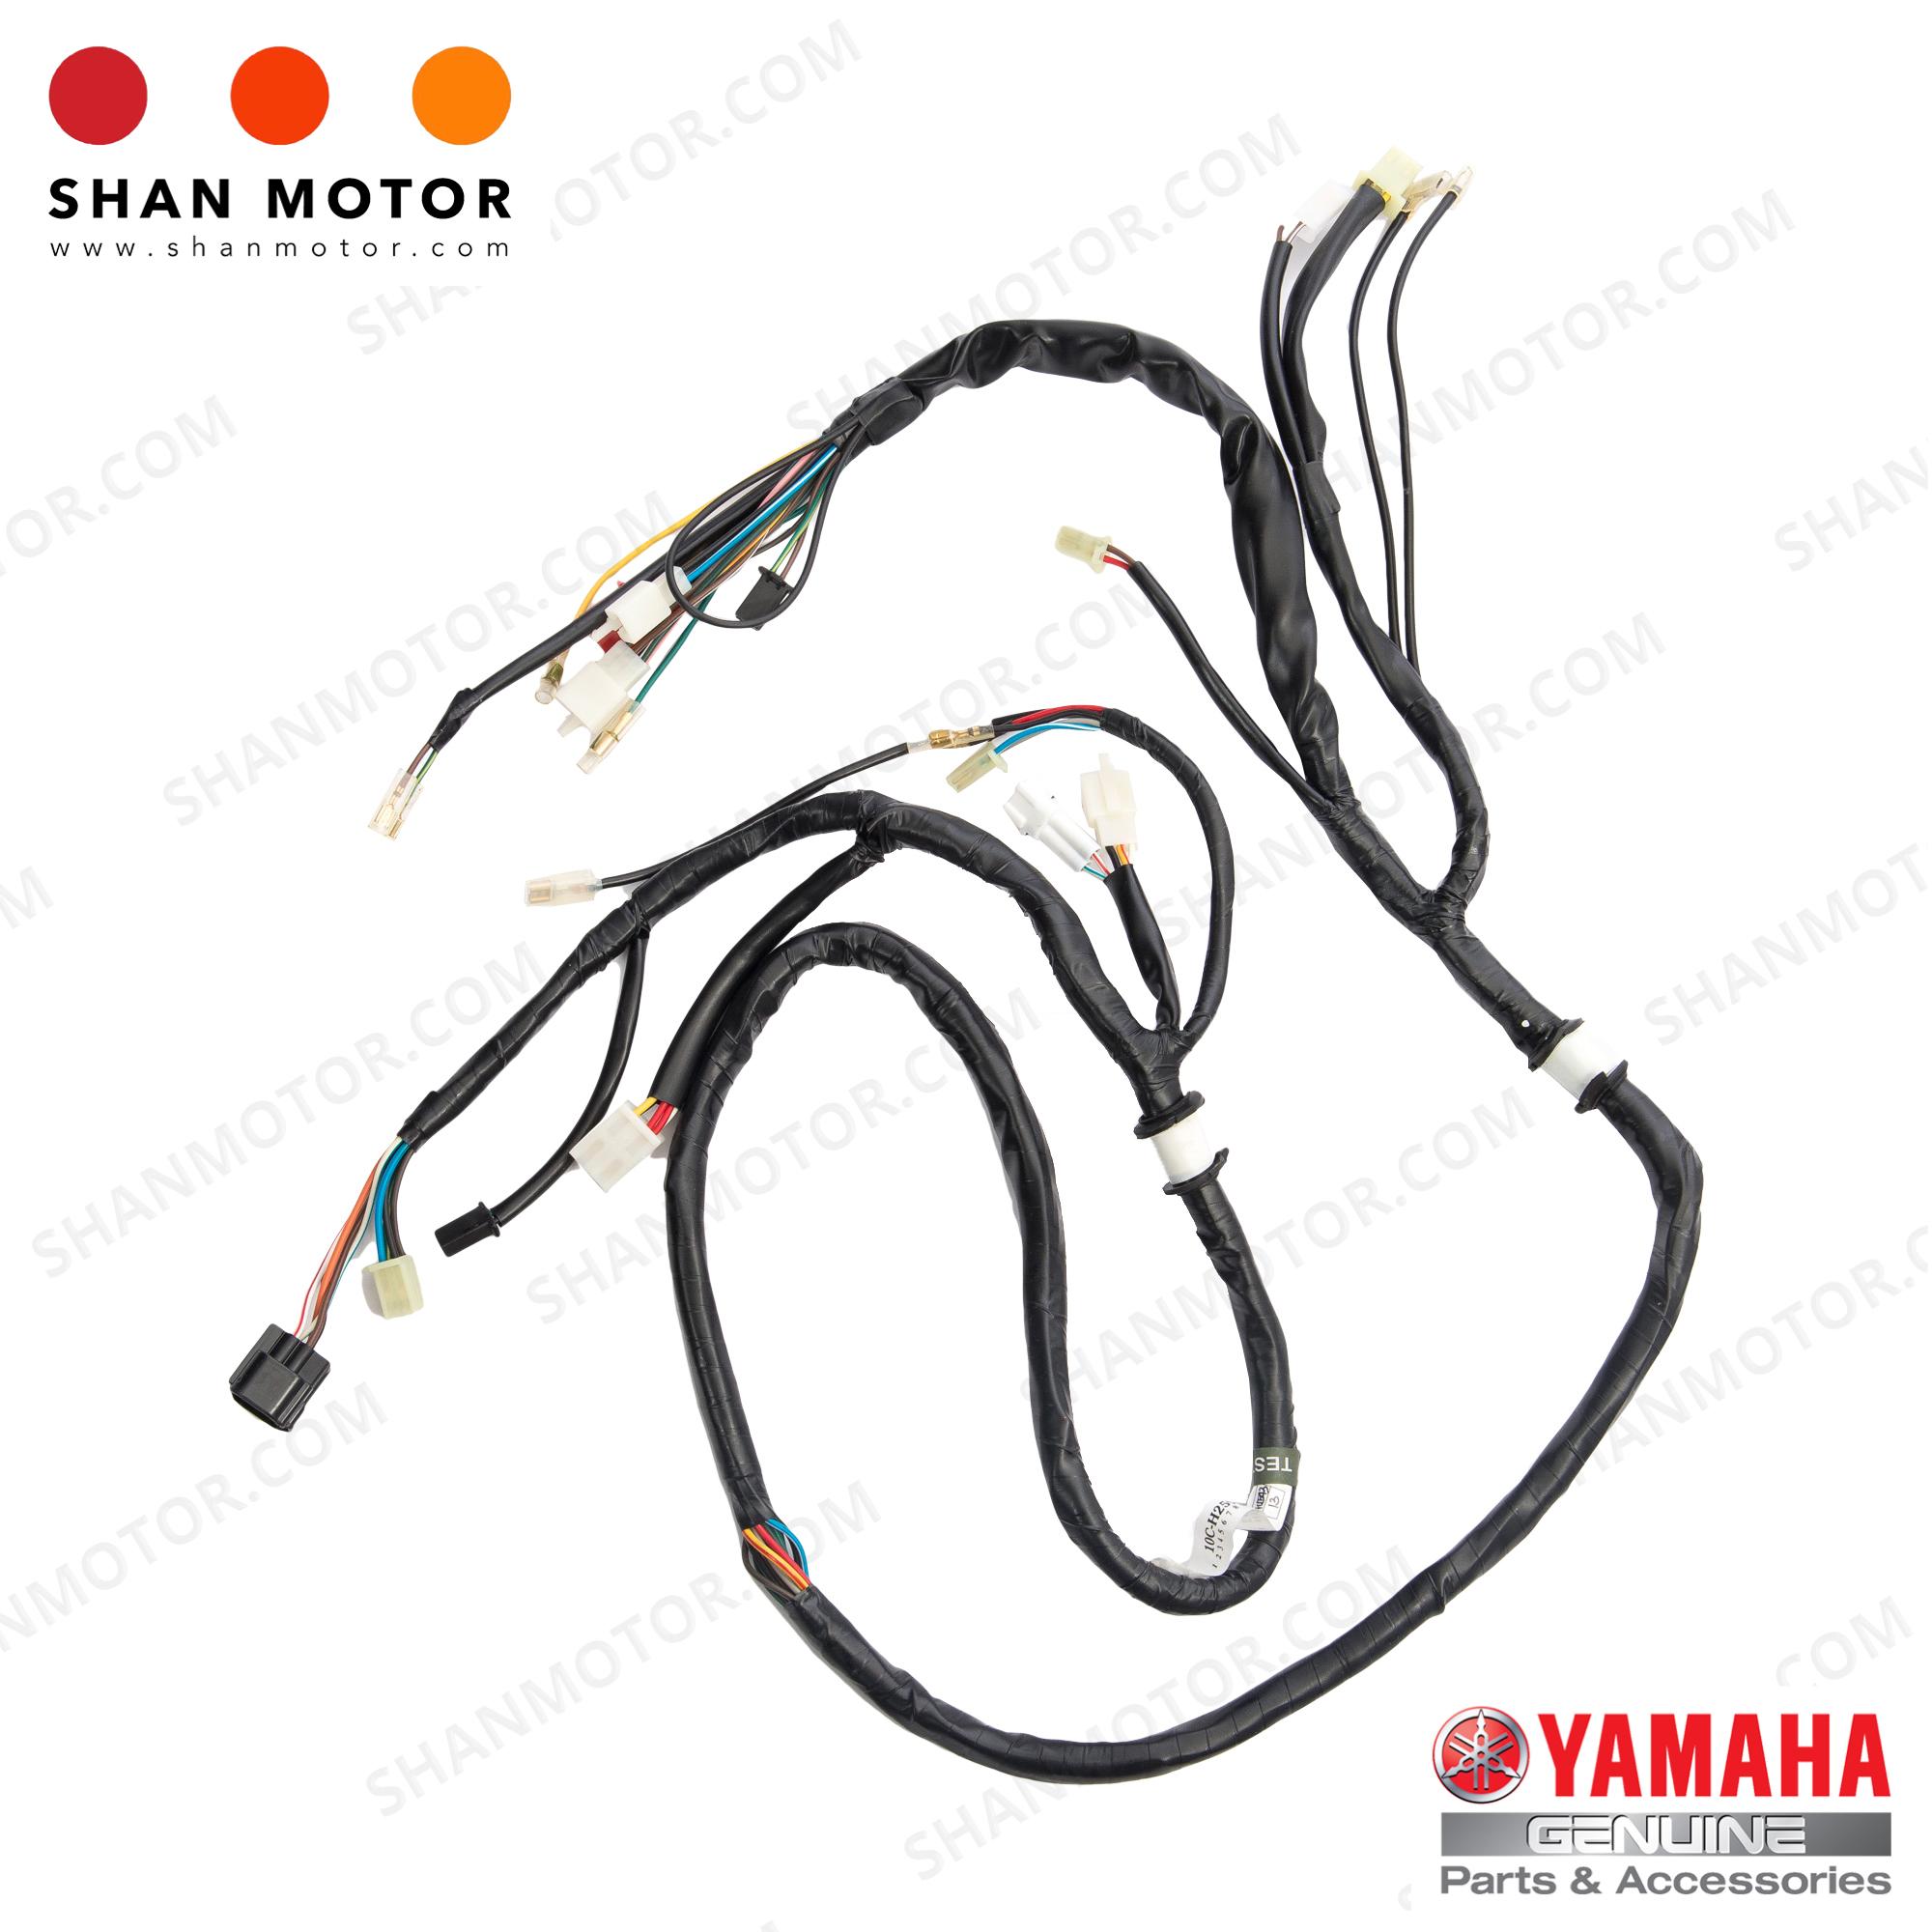 yamaha ego s wiring assembly hly yamaha genuine parts shanmotor 1807 13 F1096415_1 yamaha ego s wiring assembly [hl (end 12 29 2020 12 00 am)